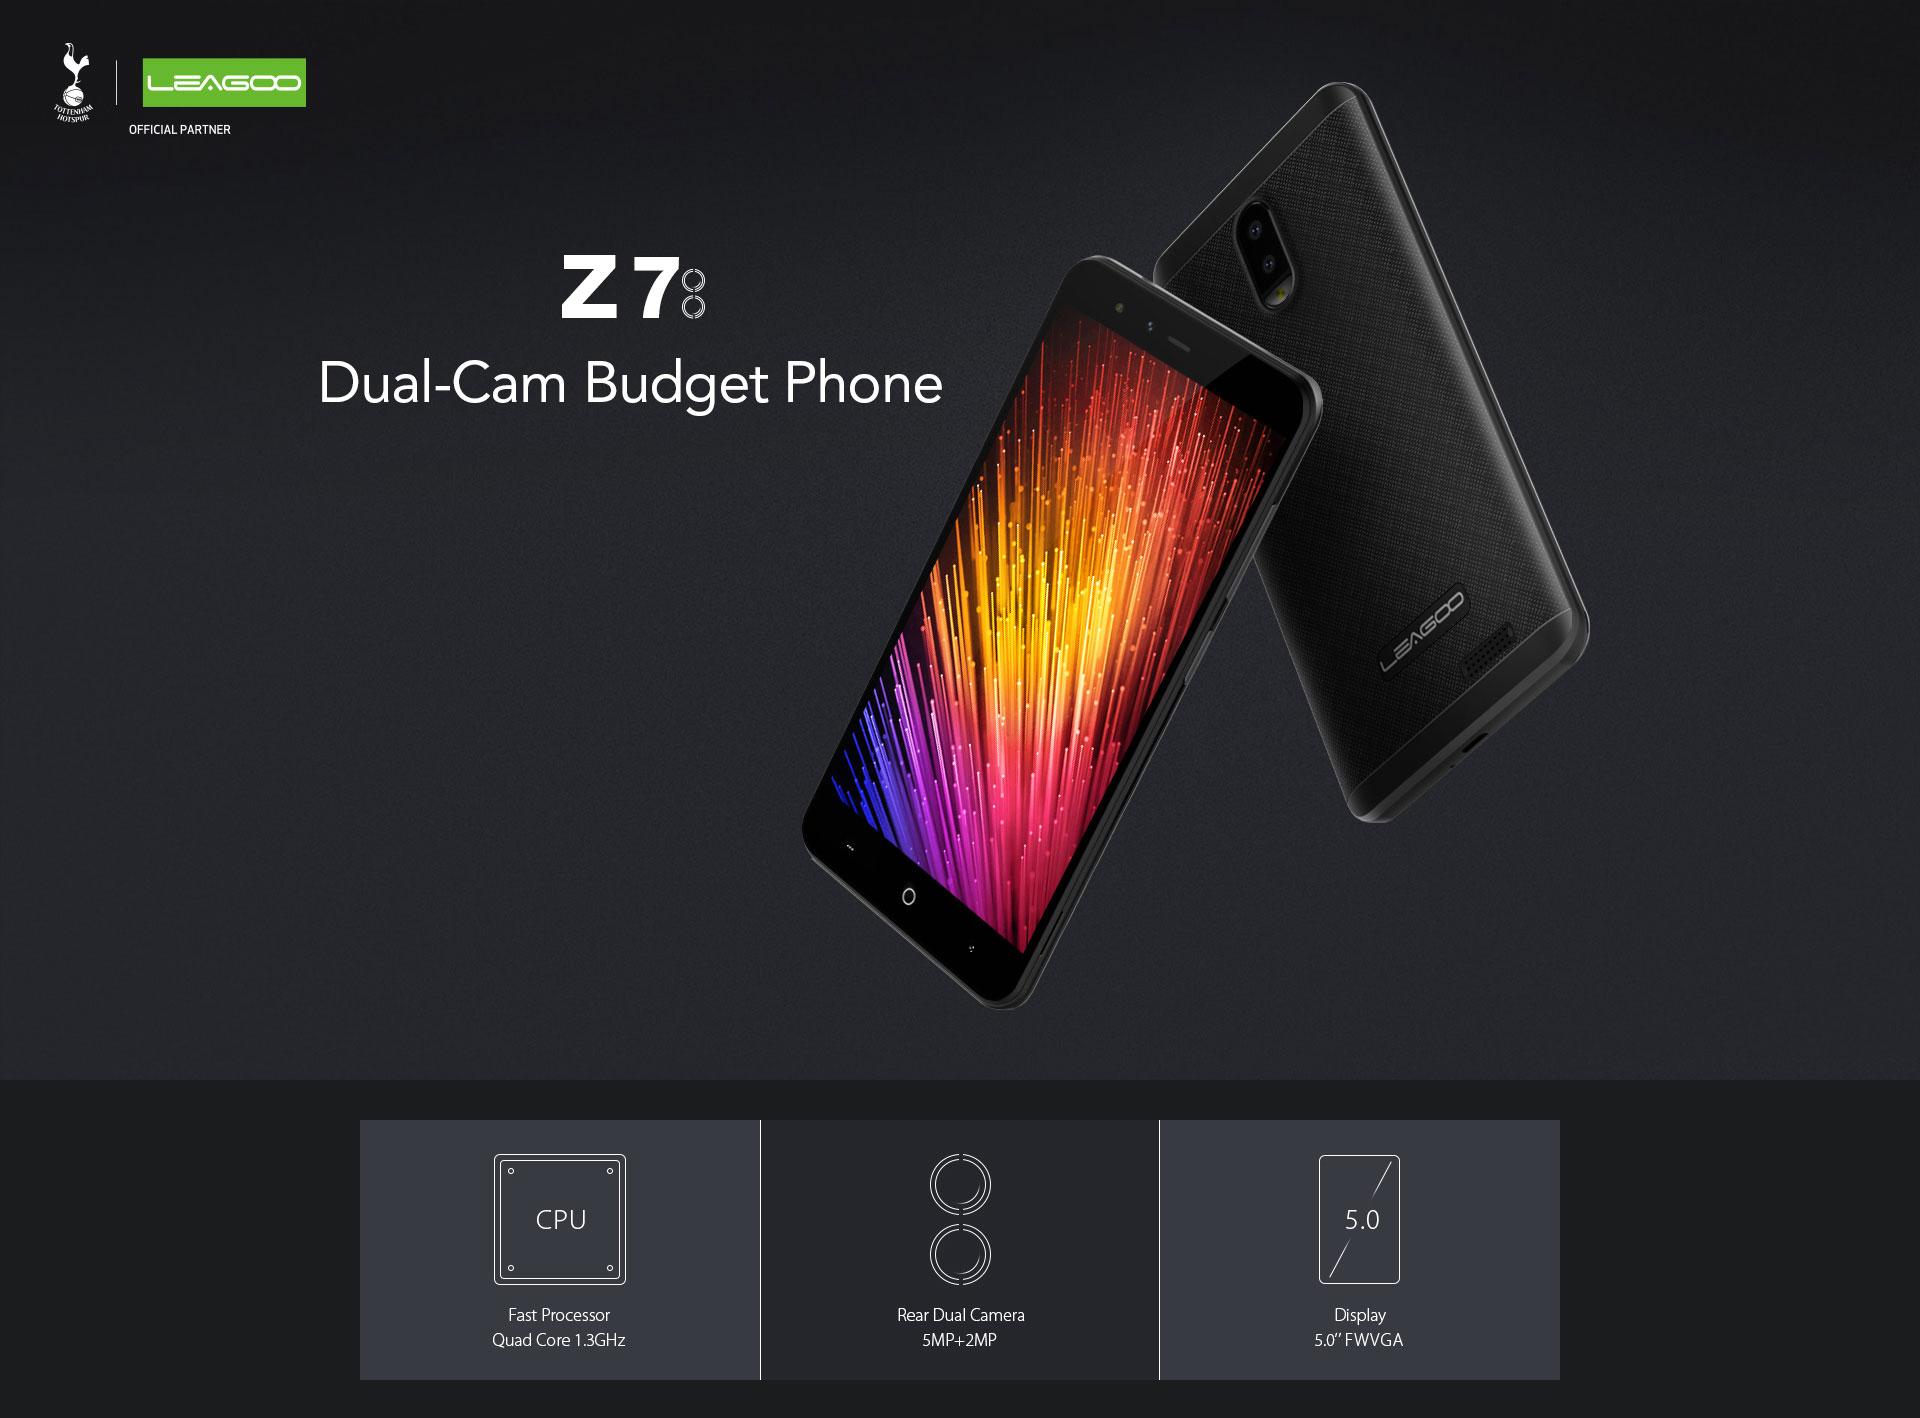 Acheter Leagoo Z7 pas cher